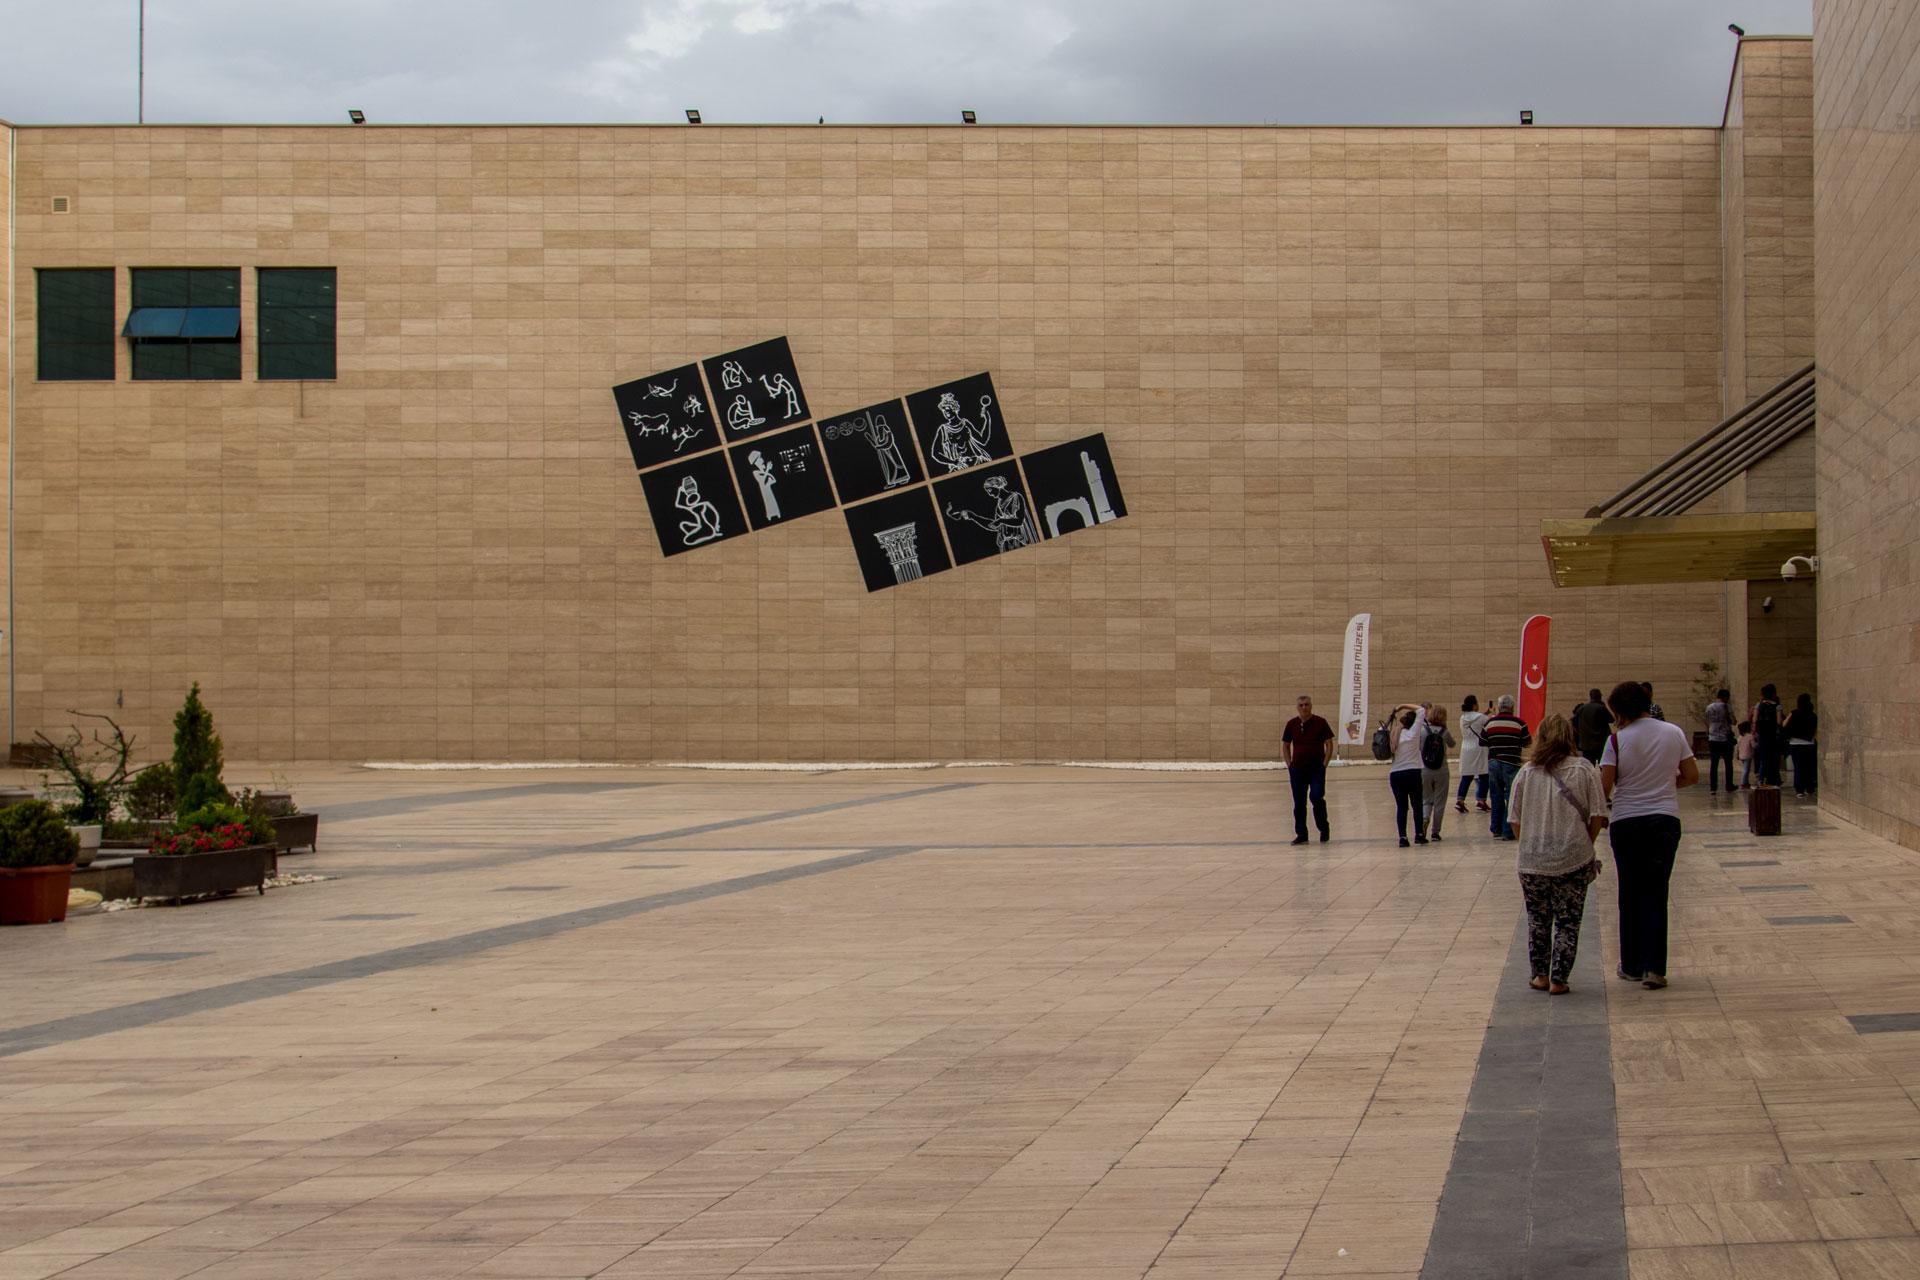 Şanlıurfa Arkeoloji Müzesi Fotoğrafları Harran Kültür Evi Türkiye Gezgin Fotoğrafçı Çekergezer Hakan Aydın www.cekergezer.com www.hakanaydın.com.tr